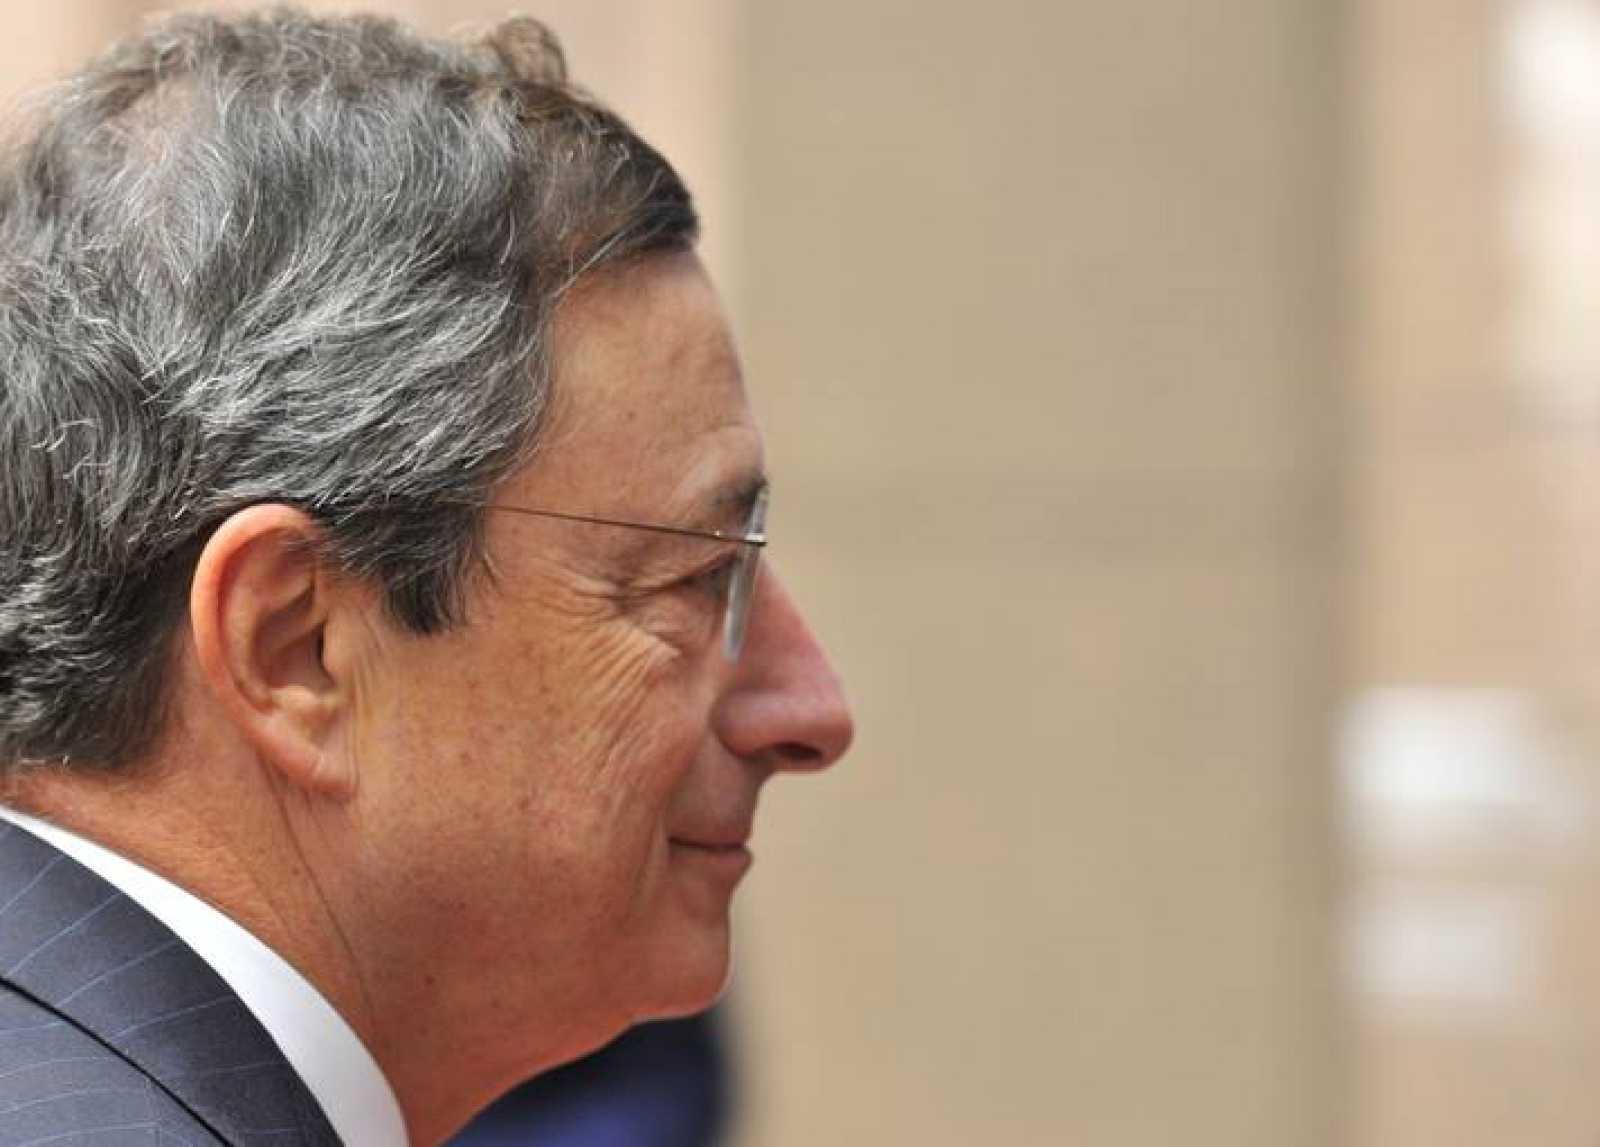 El presidente del Banco Central Europeo, Mario Draghi, llega al Eurogrupo